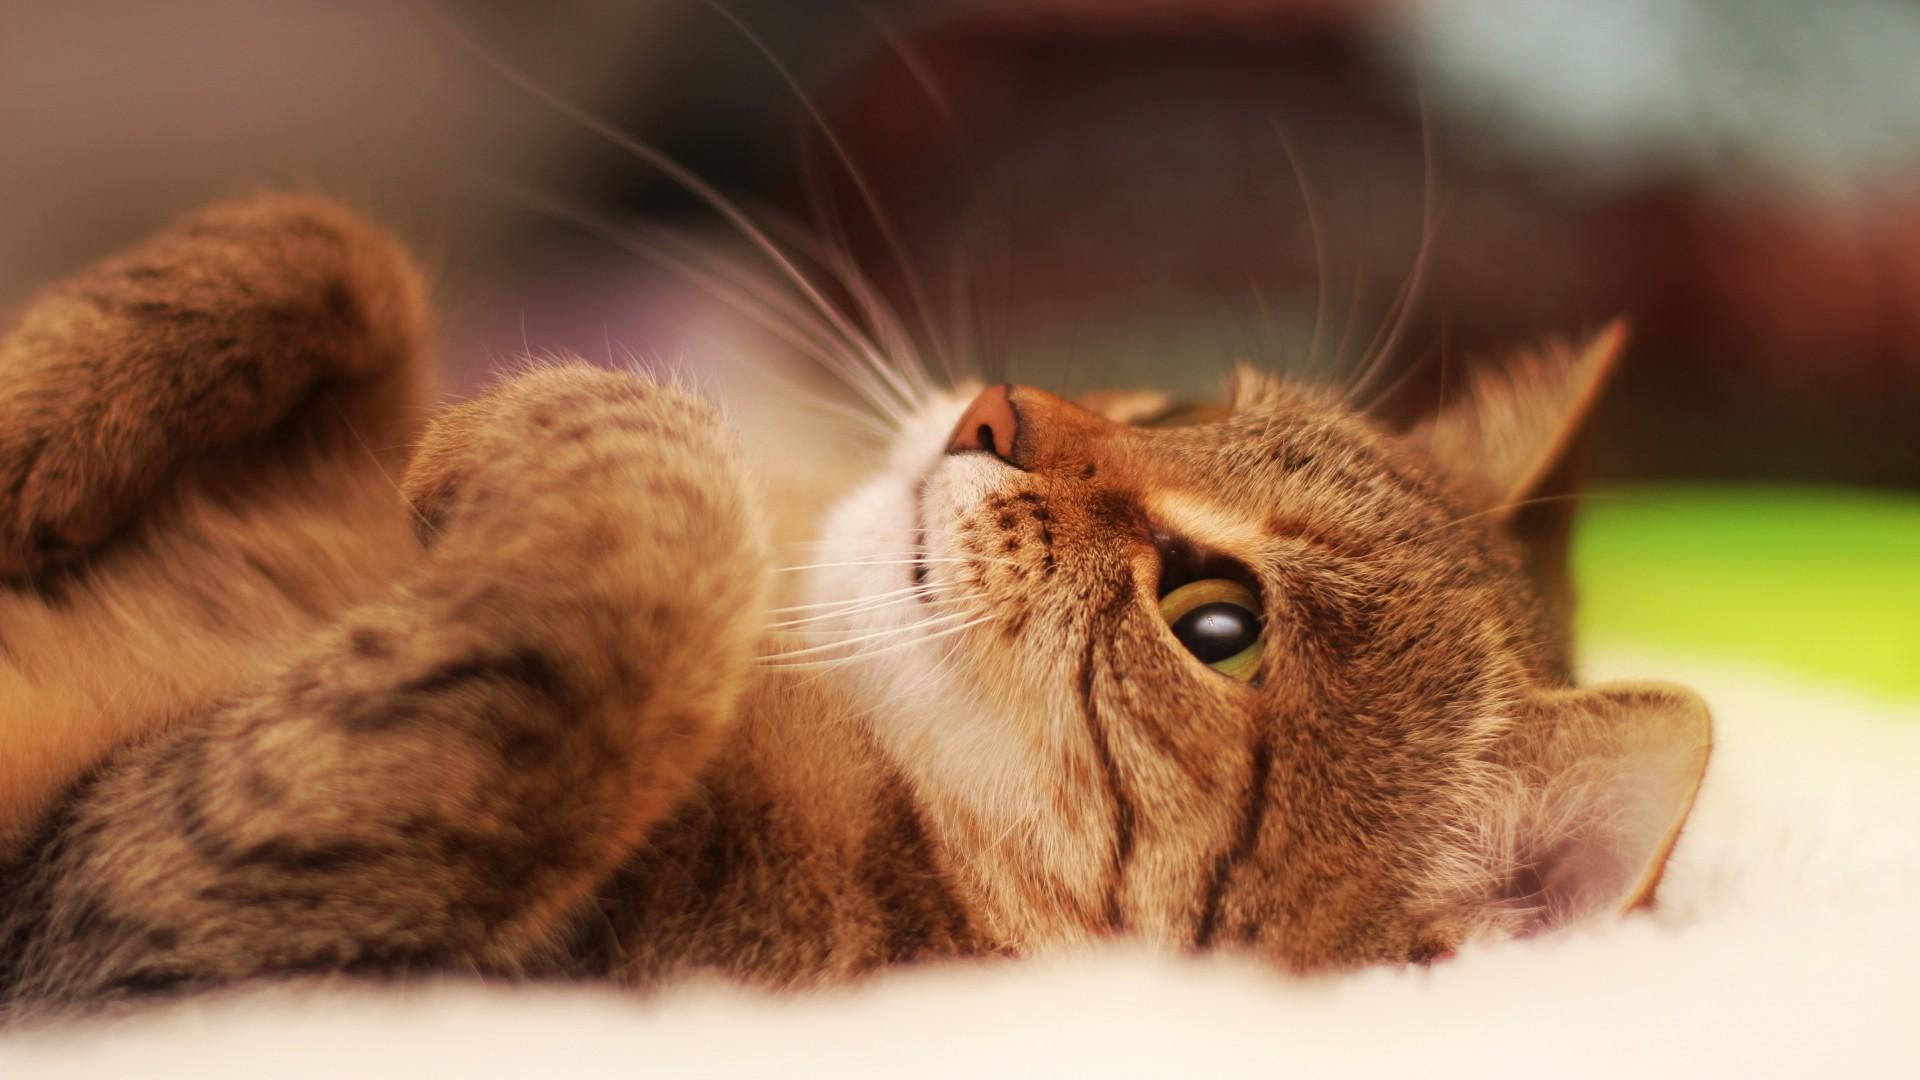 Wallpaper cat, lying, cool cat, beautiful cat